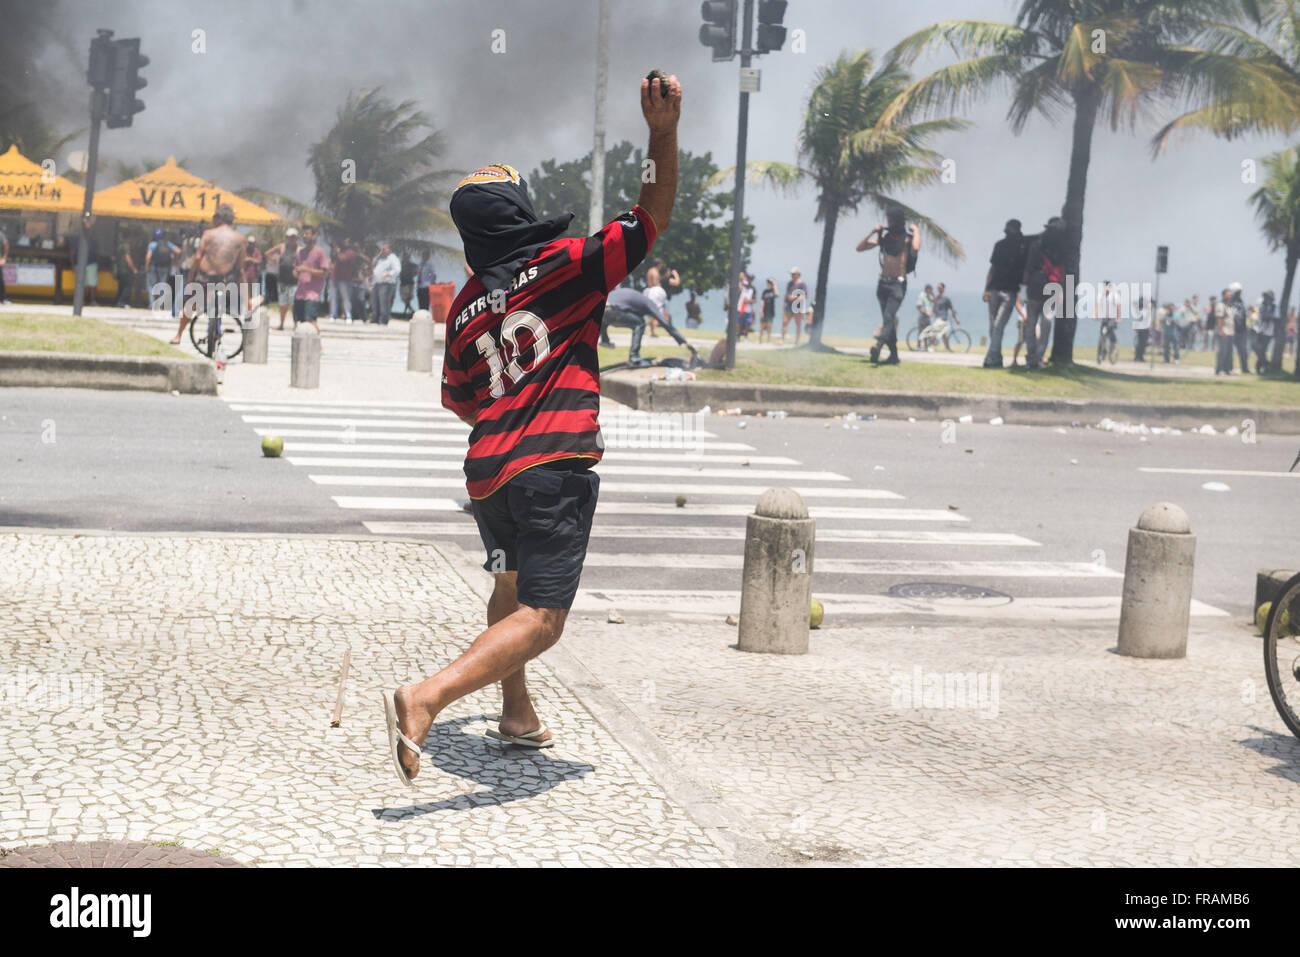 El enfrentamiento entre los manifestantes, el bloque Negro y la força nacional Imagen De Stock